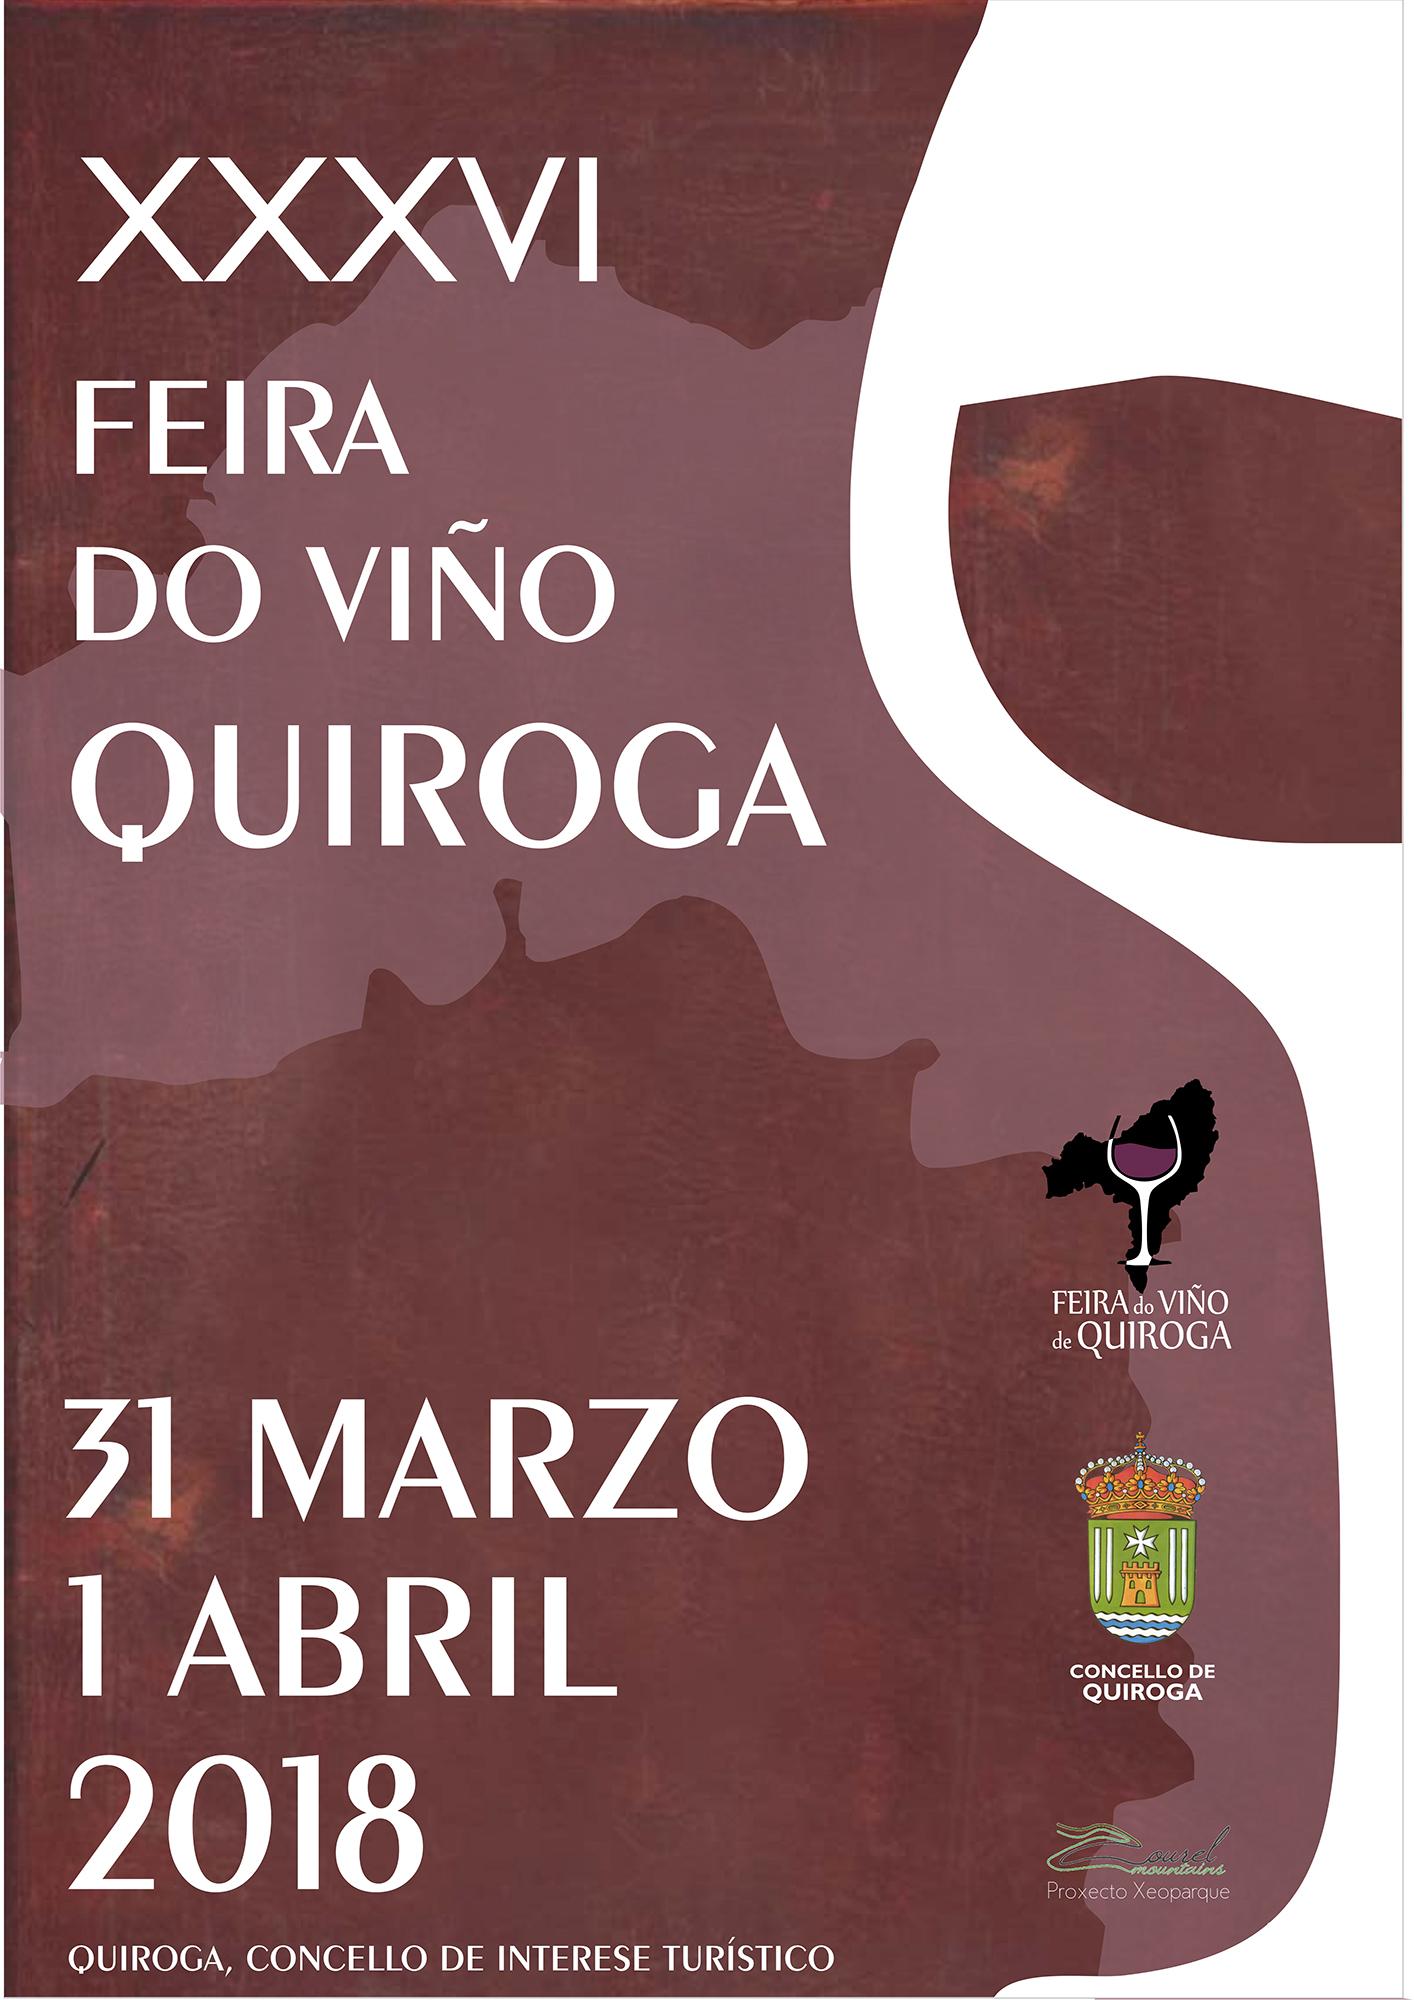 cartel de la 36 edición de la Feria del Vino de Quiroga